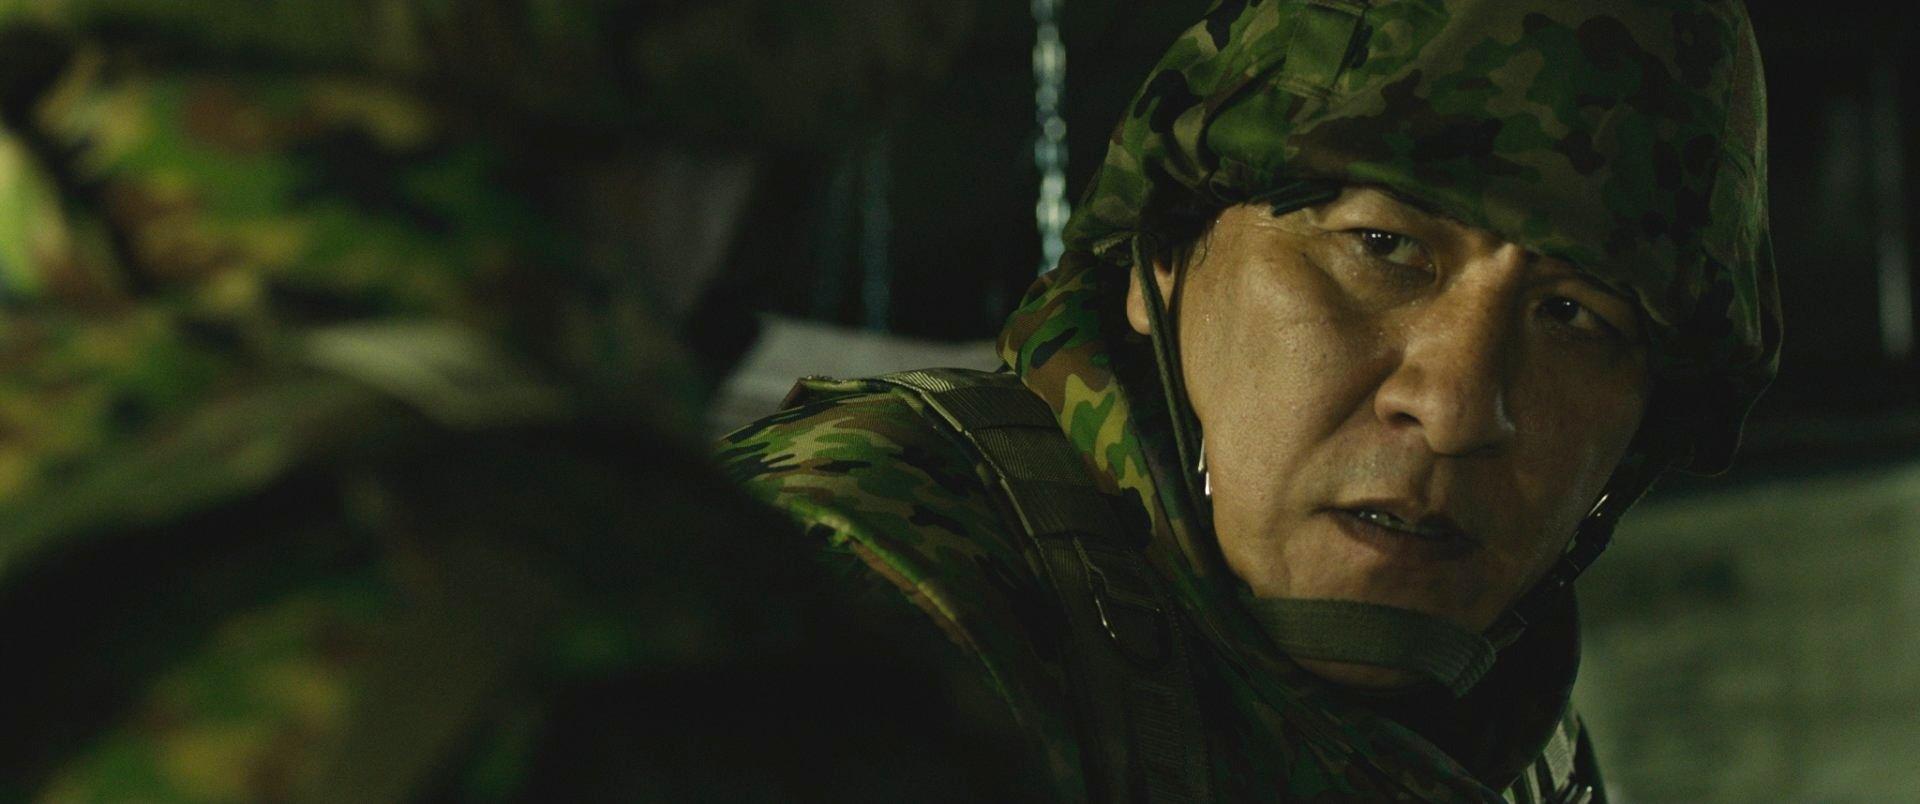 『シン・ゴジラ』ピエール龍出演場面④「国民を守るのが我々の仕事だ」